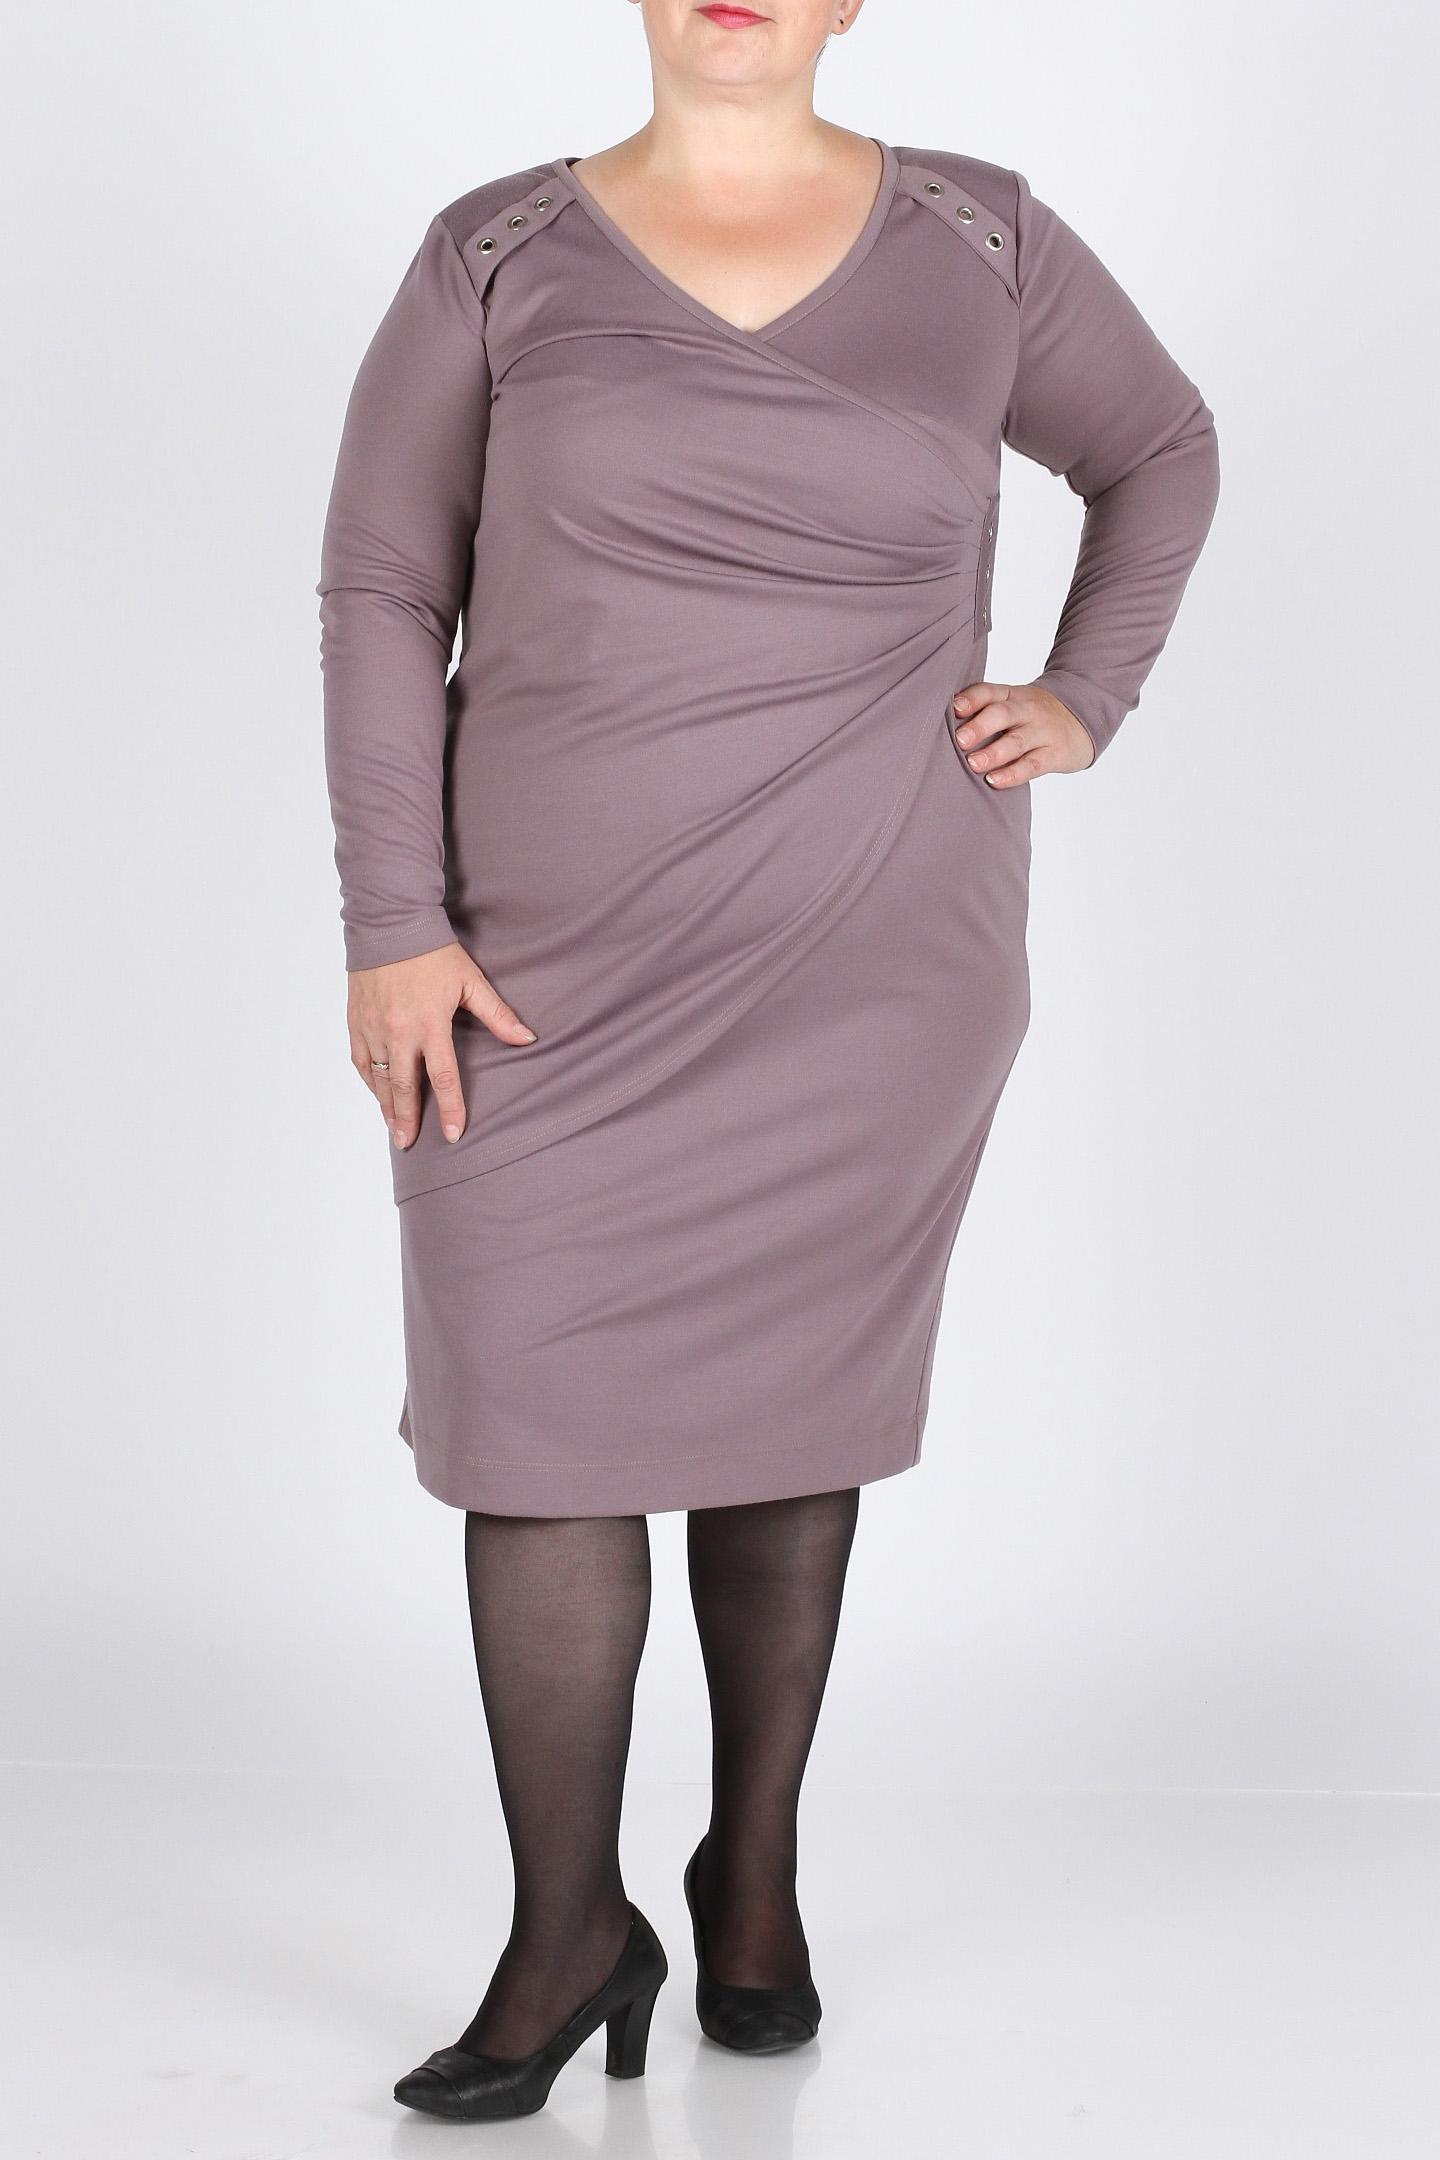 ПлатьеПлатья<br>Очень красивое платье модного фасона из итальянского джерси. Украшено драпировкой и декоративными кольцами по полочке. V - образный вырез. Длина изделия по спинке - 103 см.  Цвет: серо-сиреневый  Рост девушки-фотомодели 164 см., размер 56.<br><br>Горловина: V- горловина,Запах<br>По длине: Ниже колена<br>По материалу: Трикотаж<br>По рисунку: Однотонные<br>По стилю: Повседневный стиль<br>По форме: Платье - футляр<br>По элементам: С декором,Со складками,С отделочной фурнитурой<br>Рукав: Длинный рукав<br>По силуэту: Приталенные<br>По сезону: Осень,Весна,Зима<br>Размер : 52,58,60<br>Материал: Джерси<br>Количество в наличии: 3